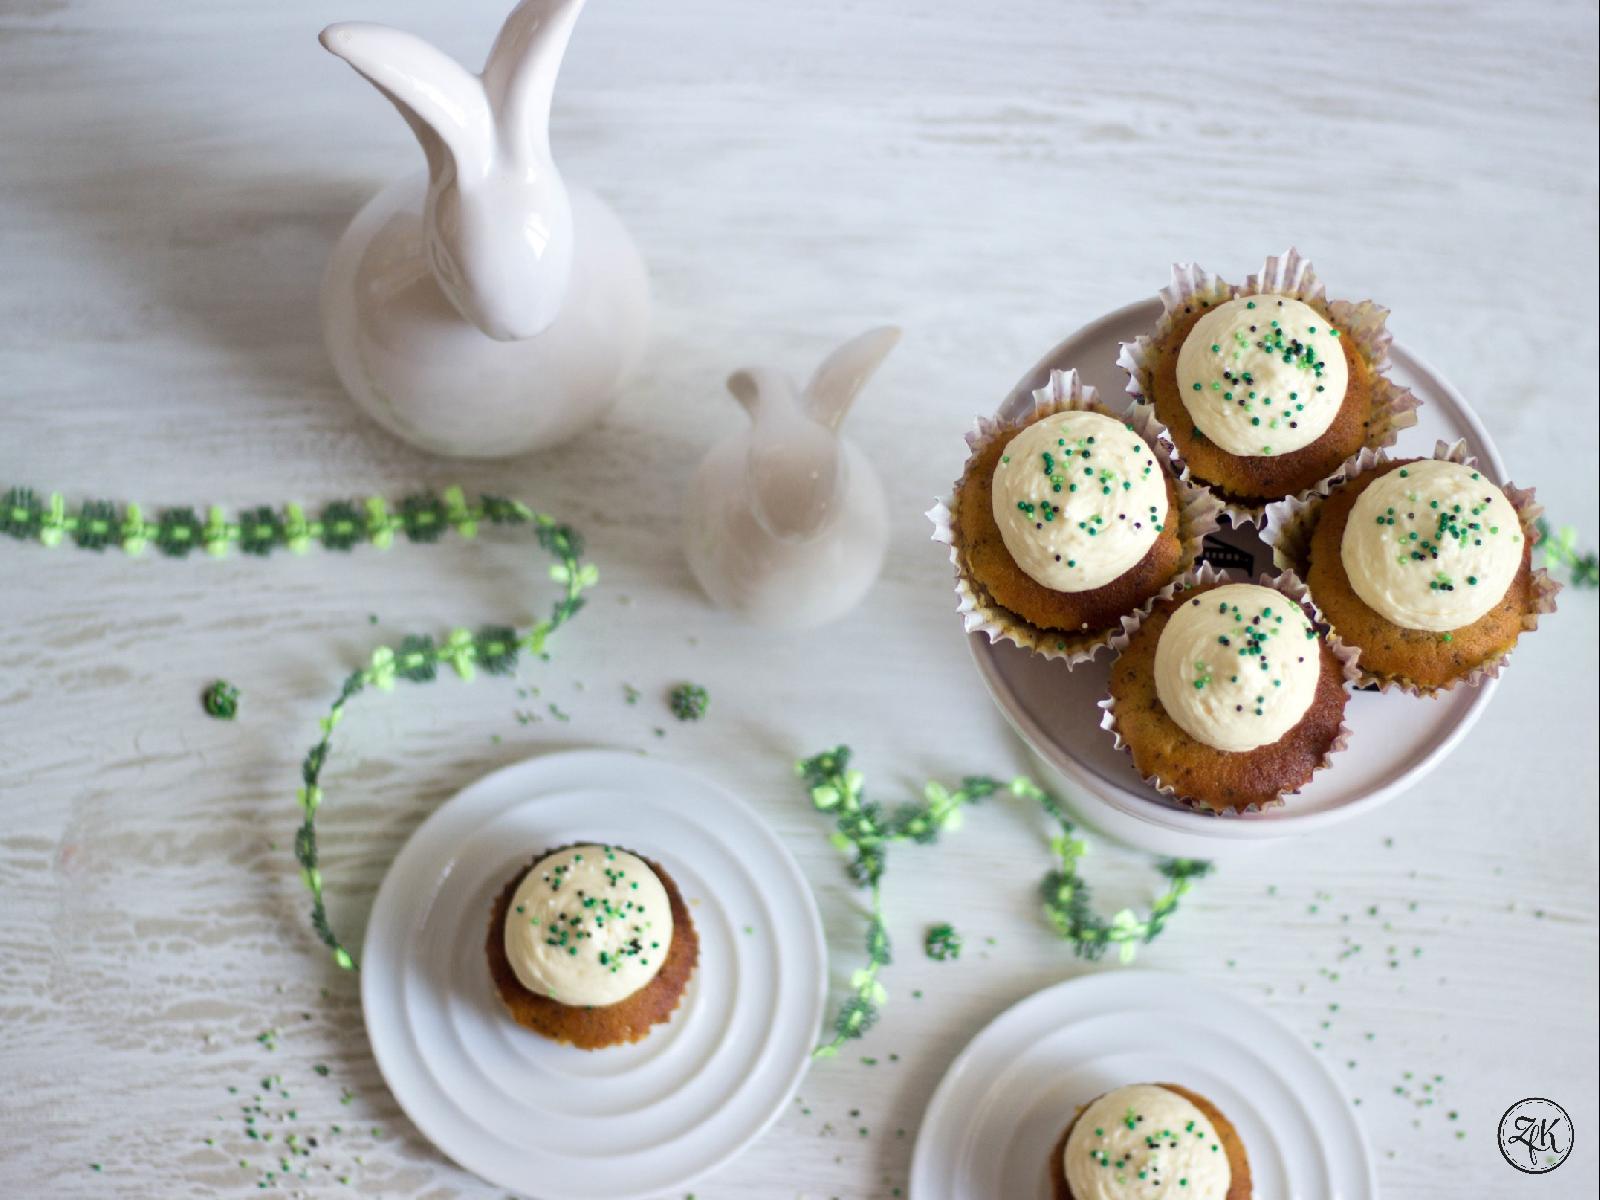 Herrlich aromatische Zitronencupcakes mit einem Hauch Mohn